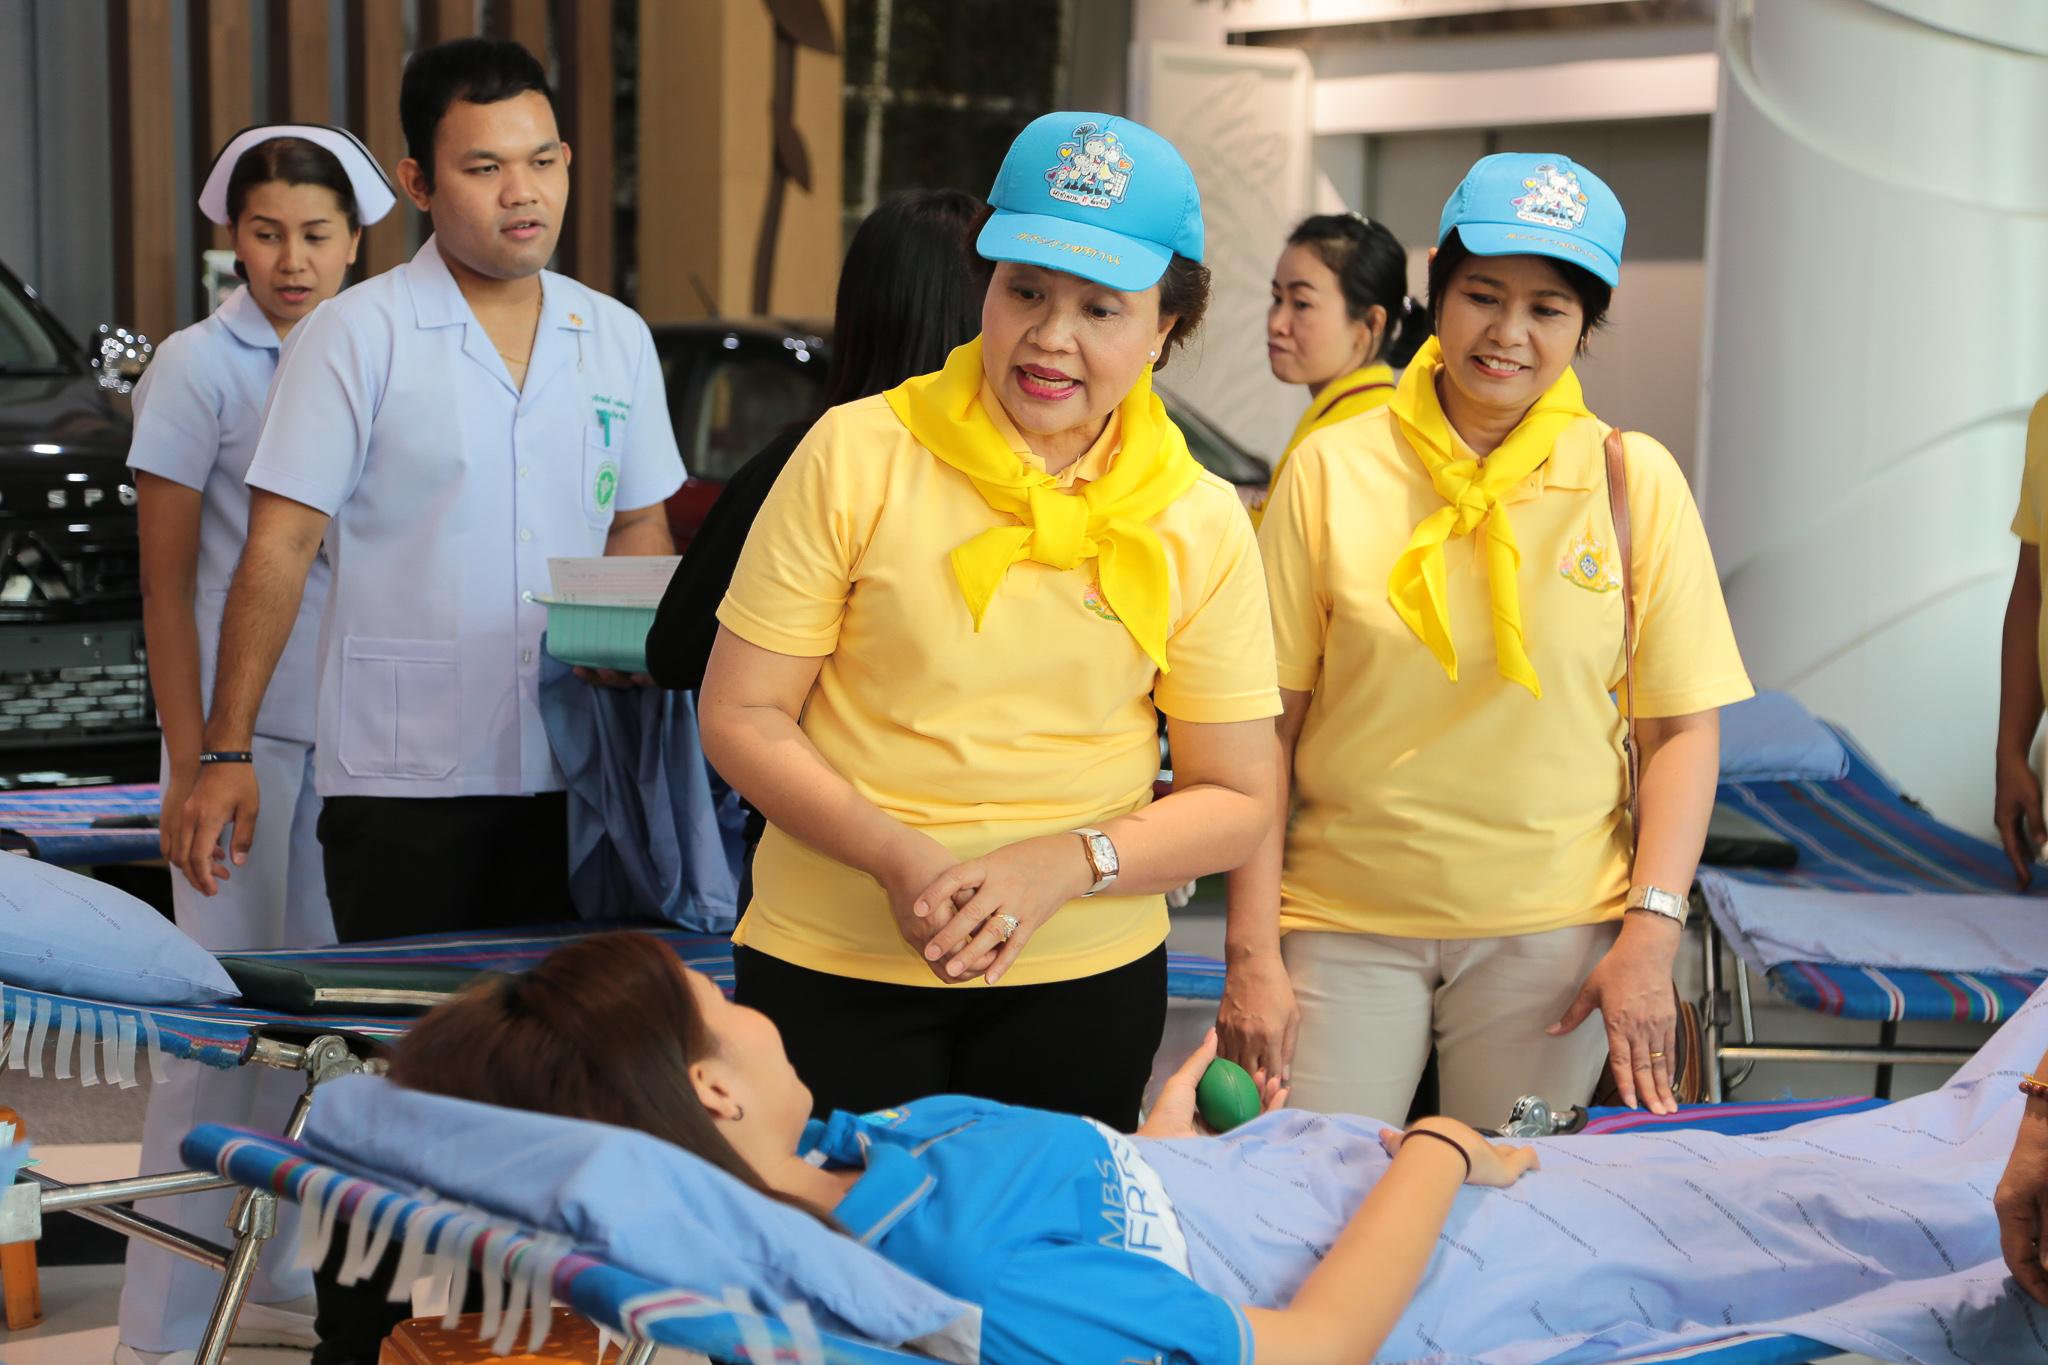 โรงพยาบาลมหาสารคาม ออกหน่วยรับบริจาคโลหิต รวมพลังจิตอาสาทำความดีด้วยหัวใจ เทิดไท้องค์ราชัน